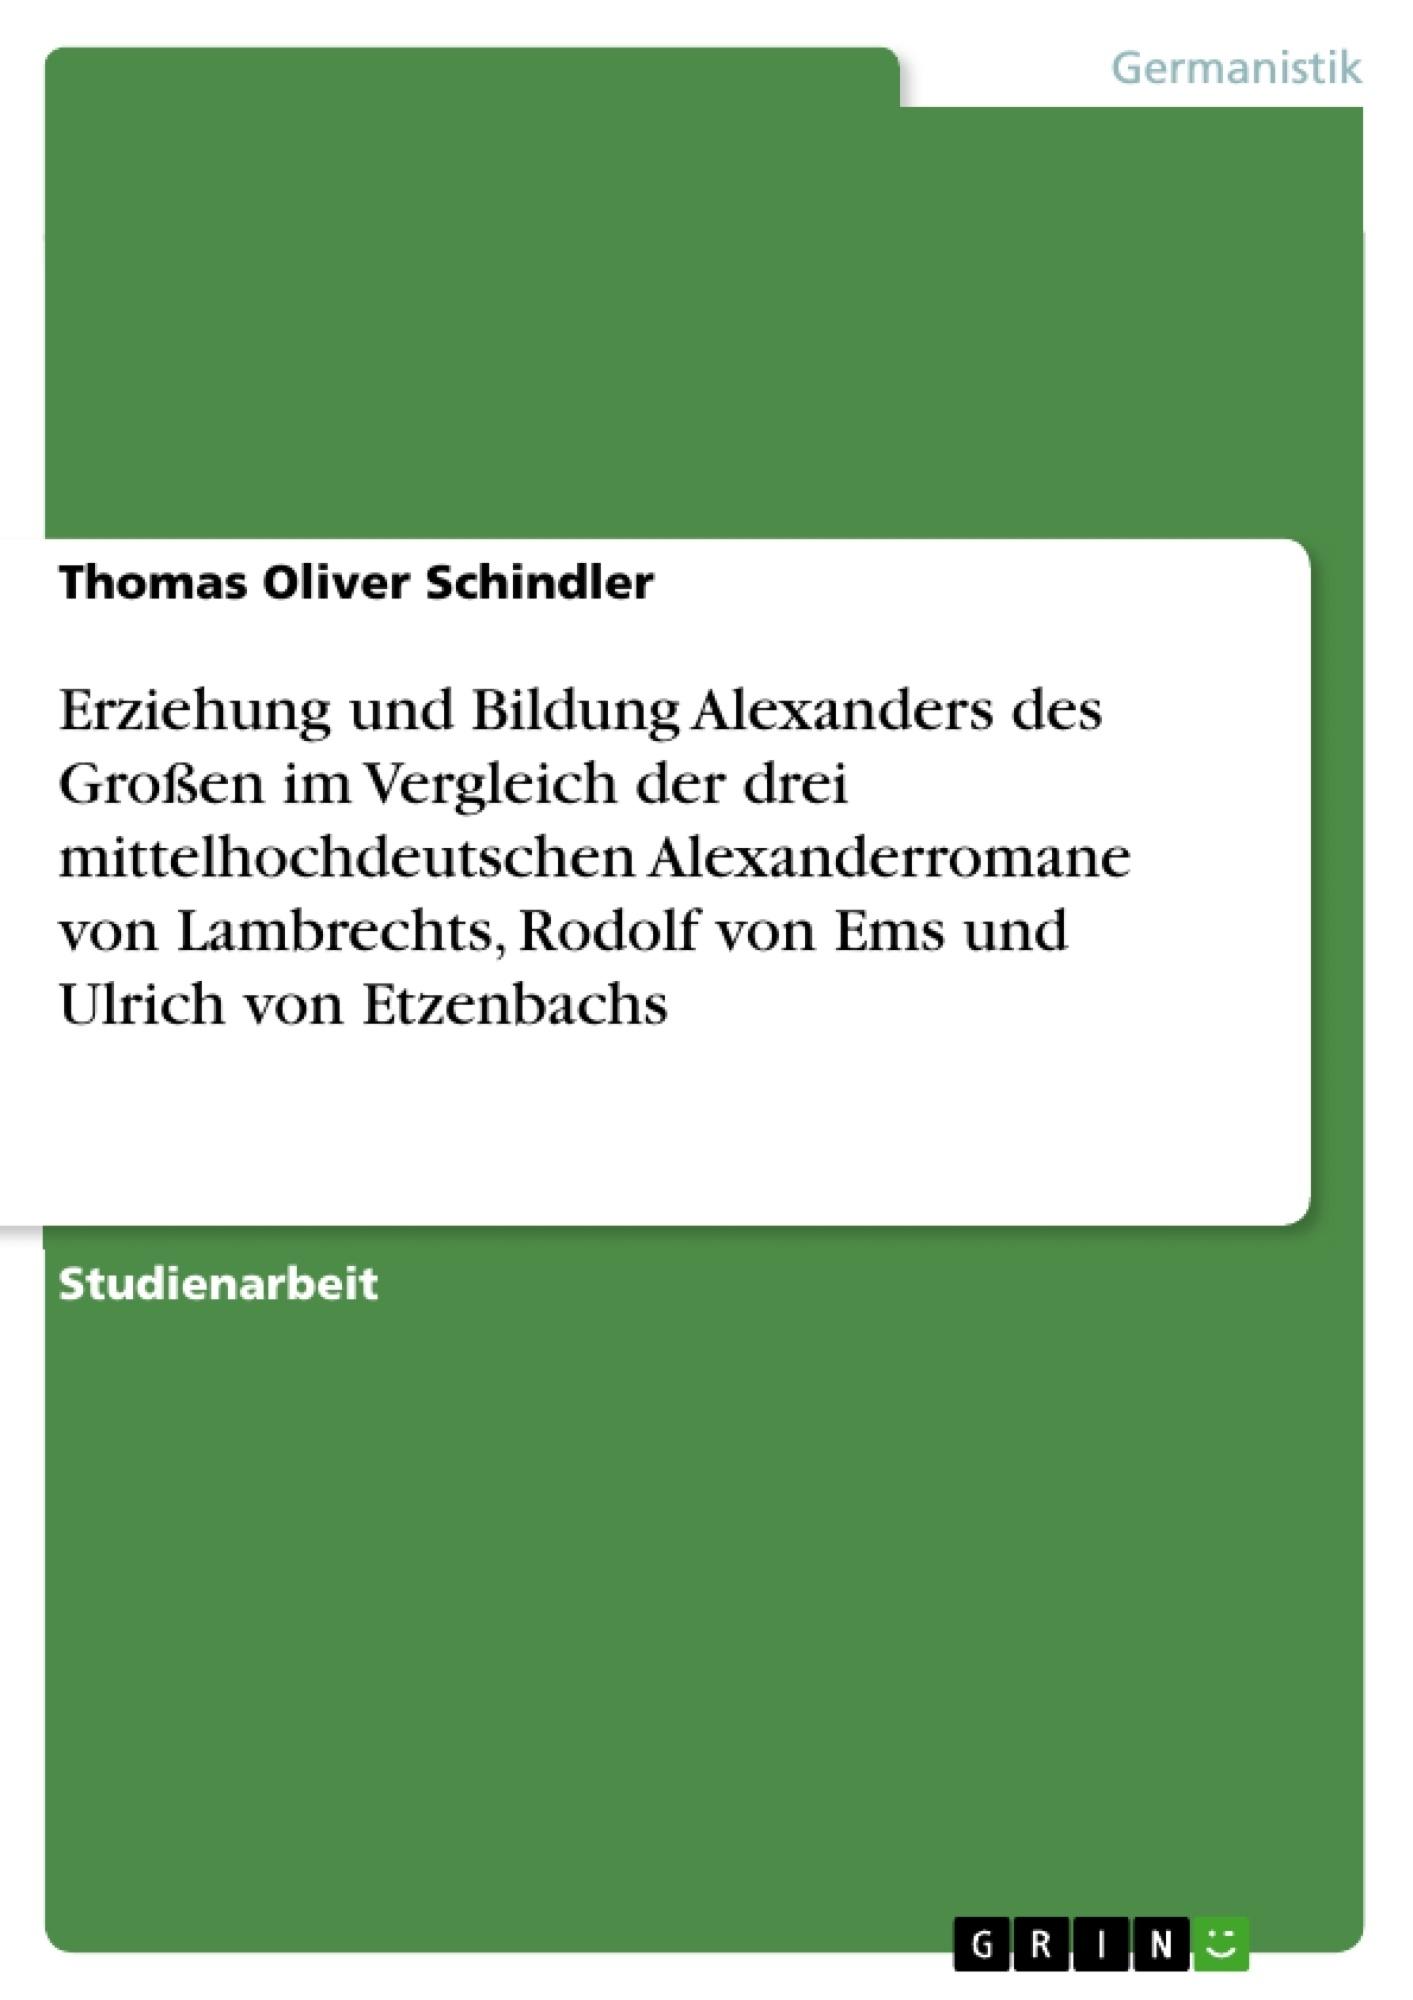 Titel: Erziehung und Bildung Alexanders des Großen im Vergleich der drei mittelhochdeutschen Alexanderromane von Lambrechts, Rodolf von Ems und Ulrich von Etzenbachs